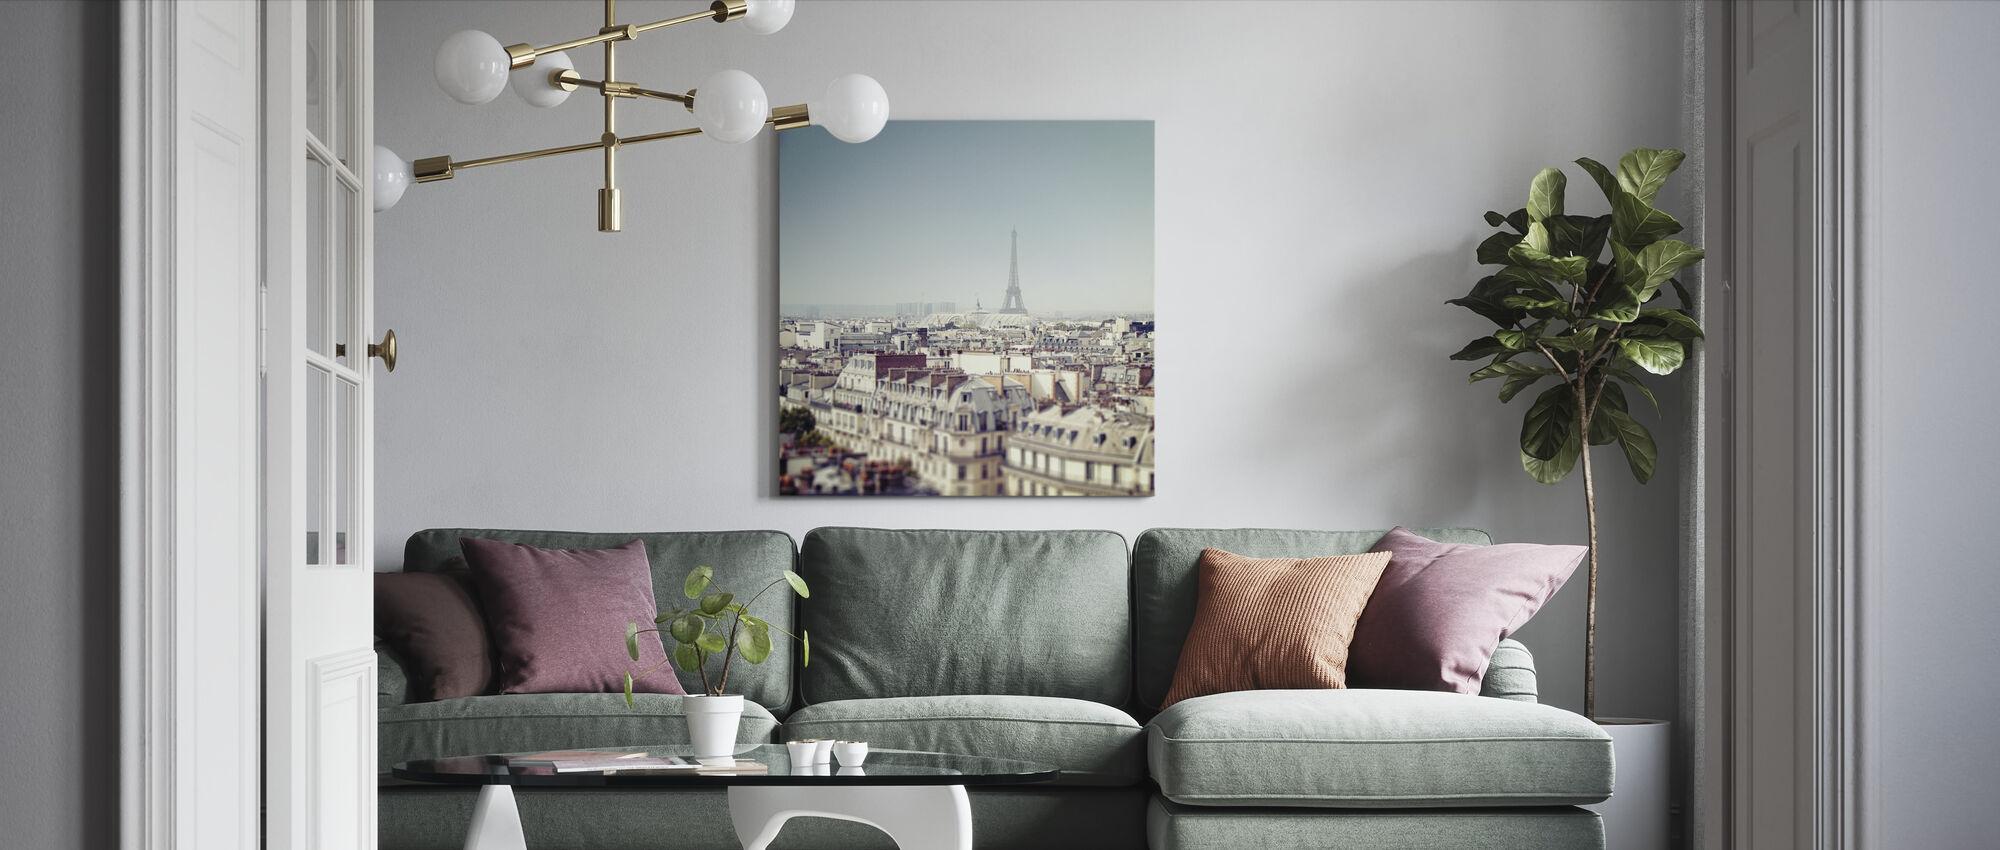 Paris øjeblikke VI - Billede på lærred - Stue